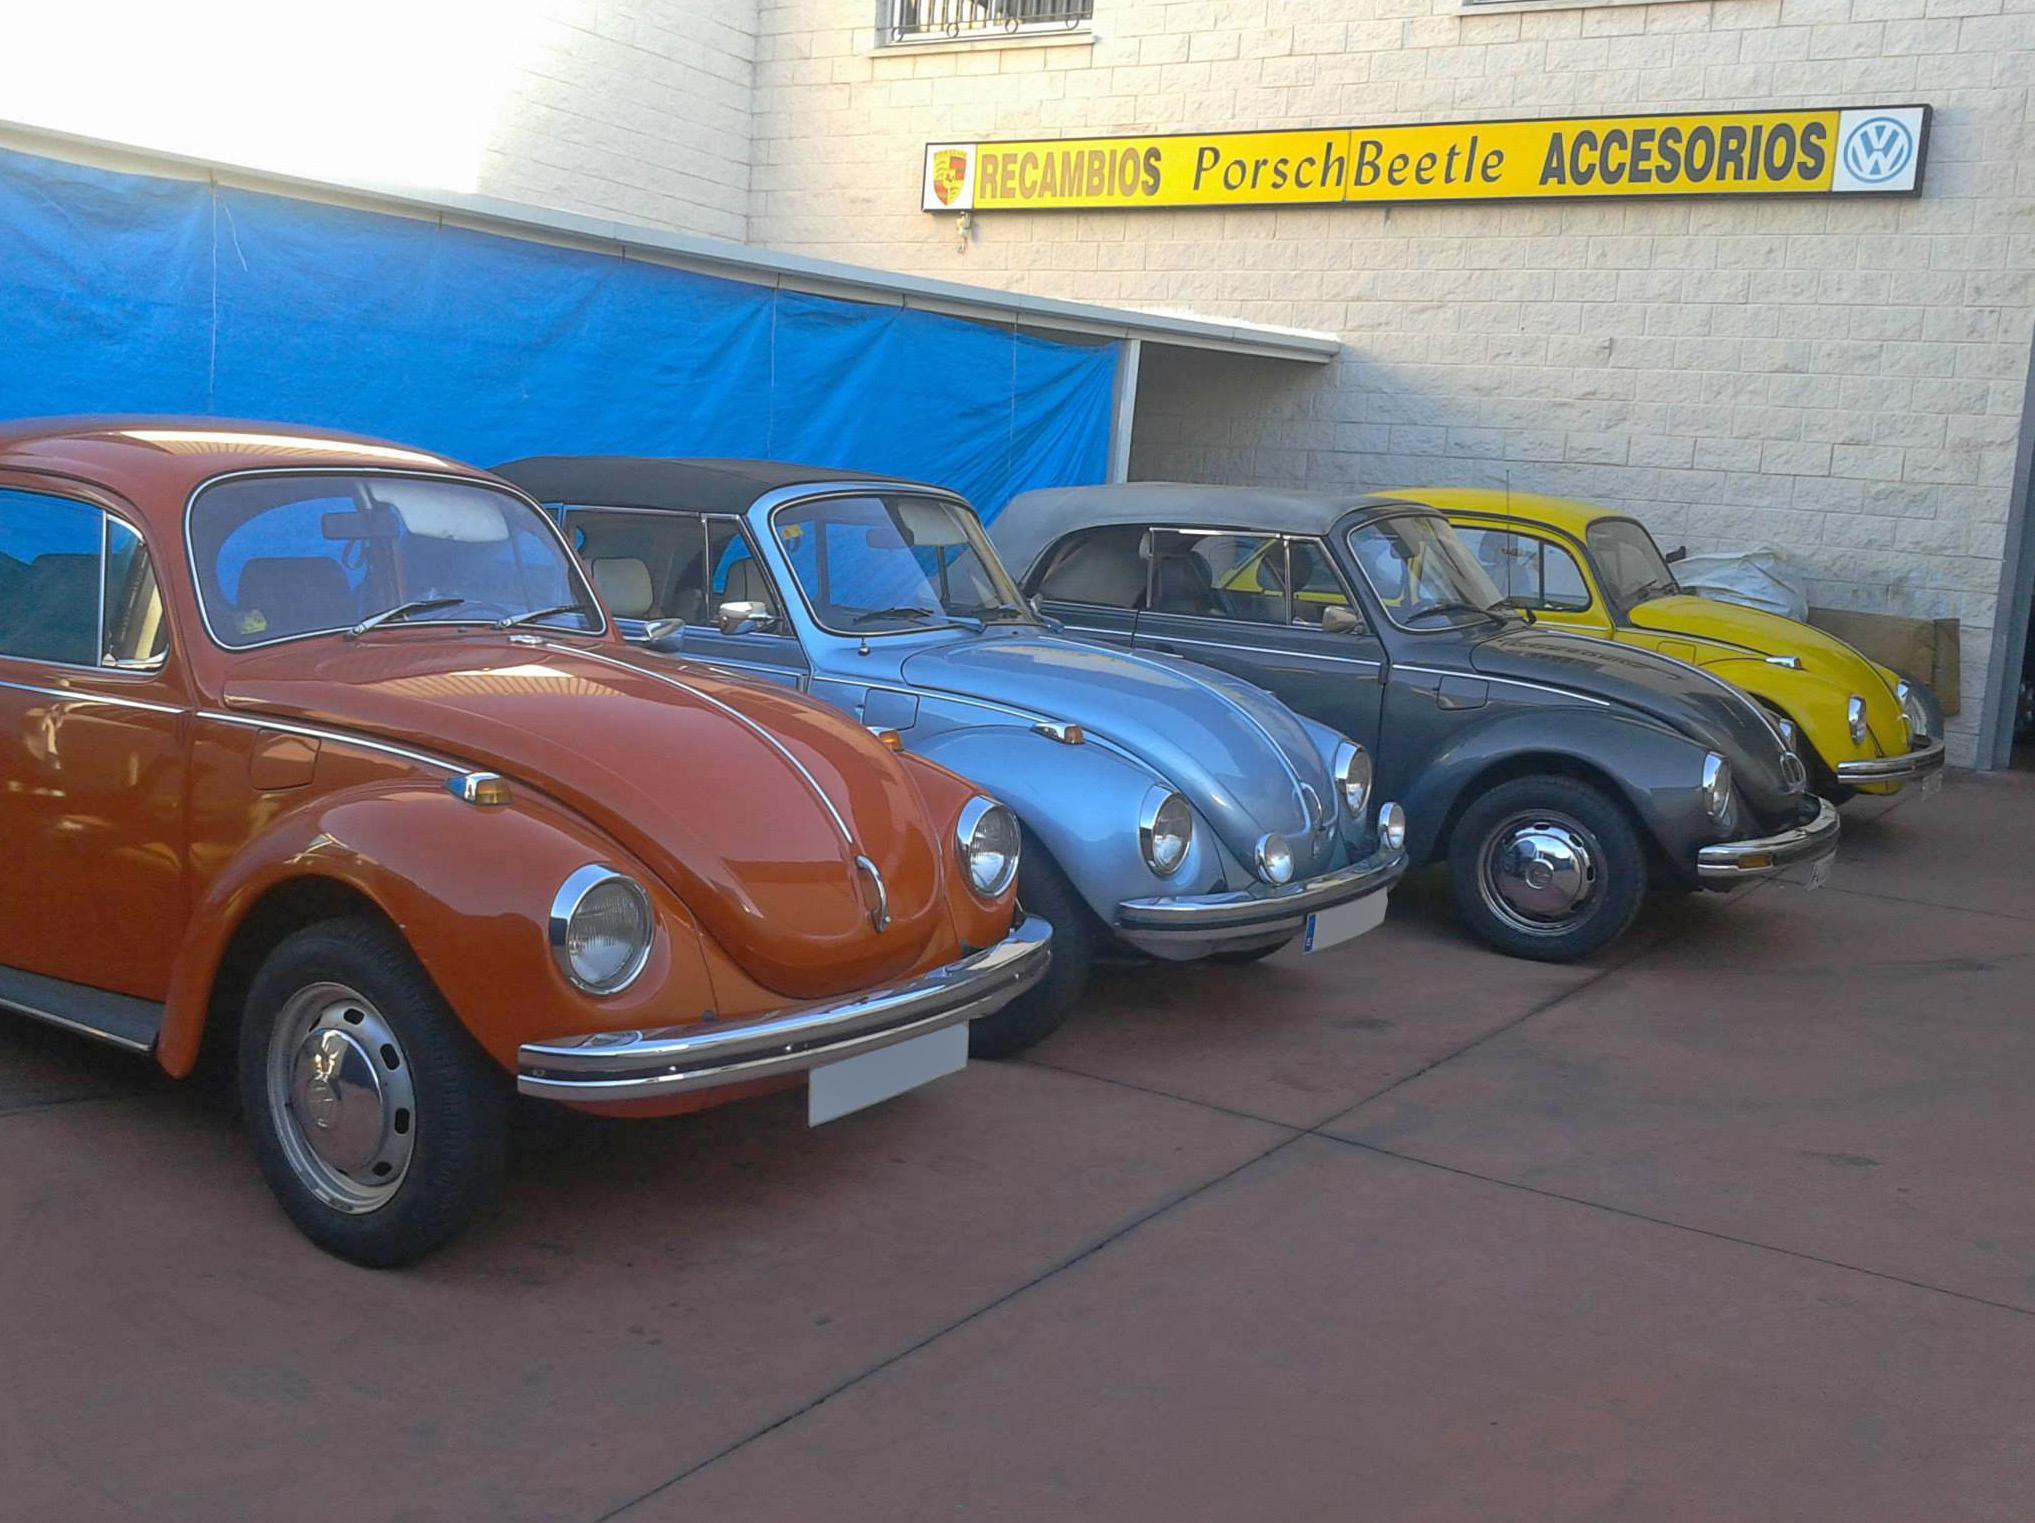 Porschebeetle Jarama - Taller especializado en restauración de vehículos clásicos